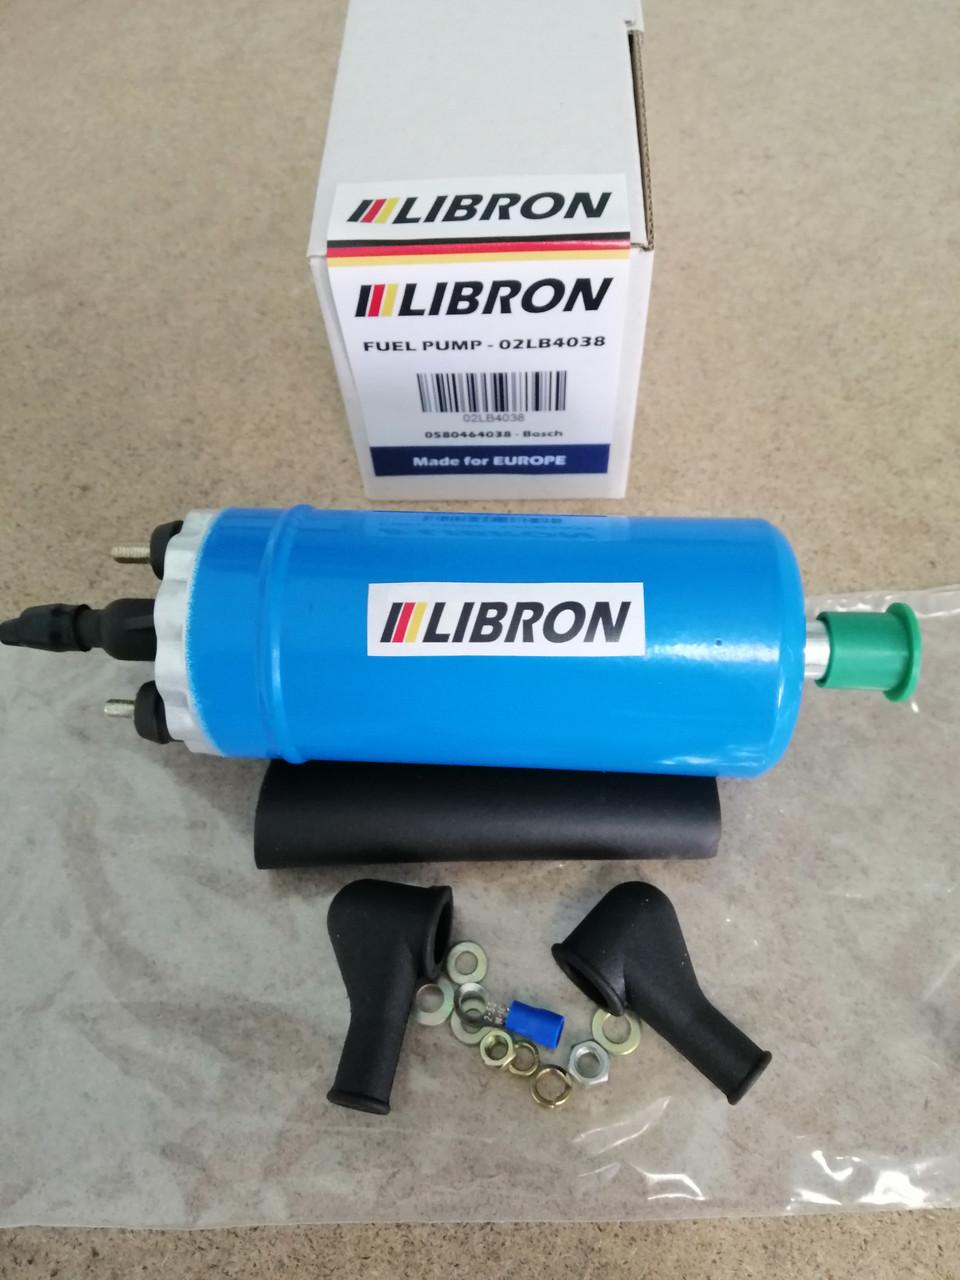 Бензонасос LIBRON 02LB4038 - Альфа Ромео GTV (116) 2.0 Turbodelta (1978-1980)